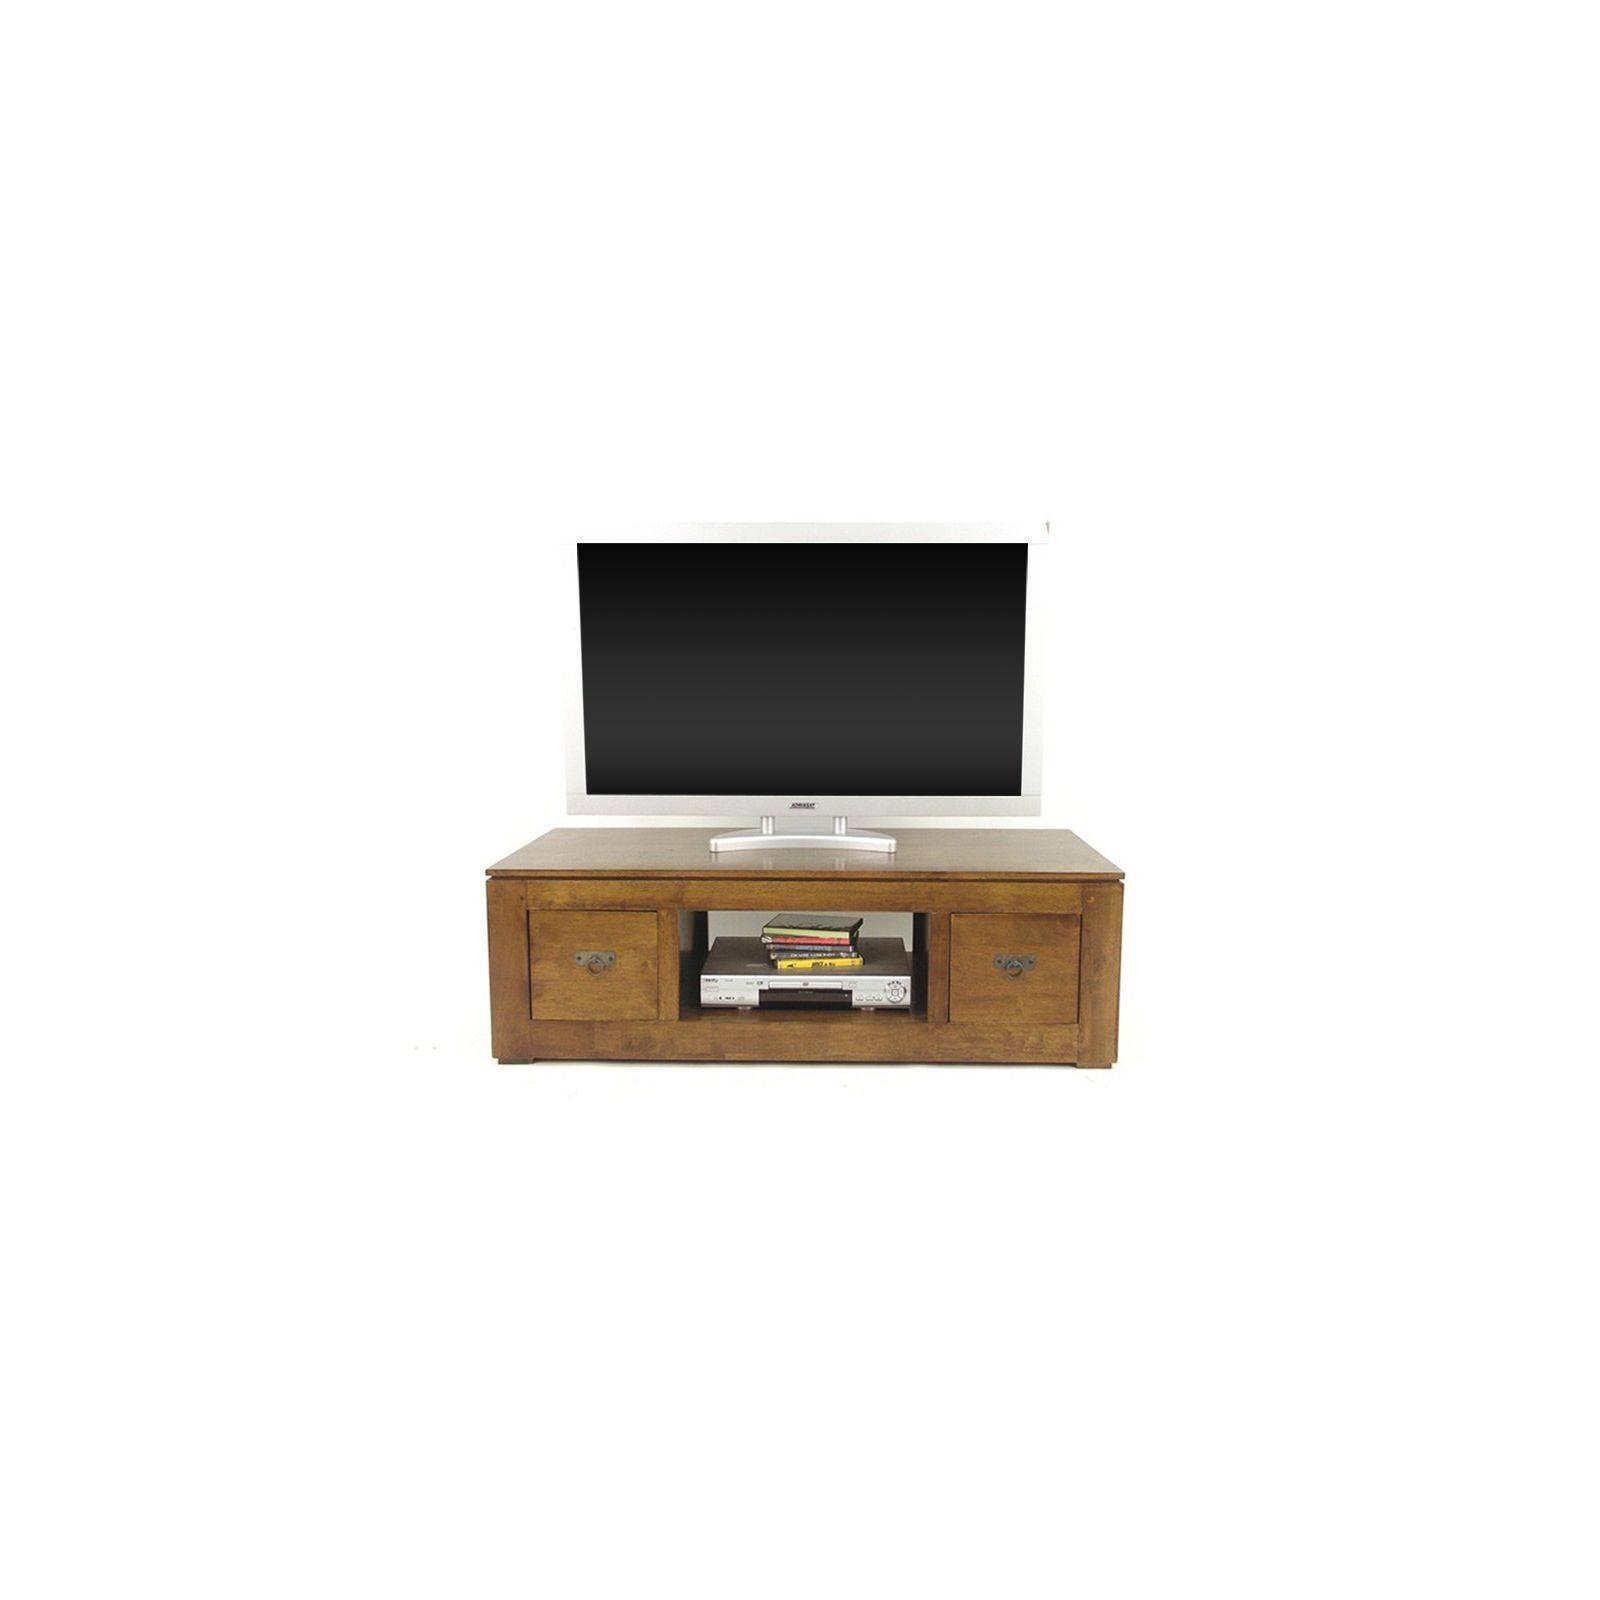 Meuble Tv Hifi Omega Hévéa - meuble style design